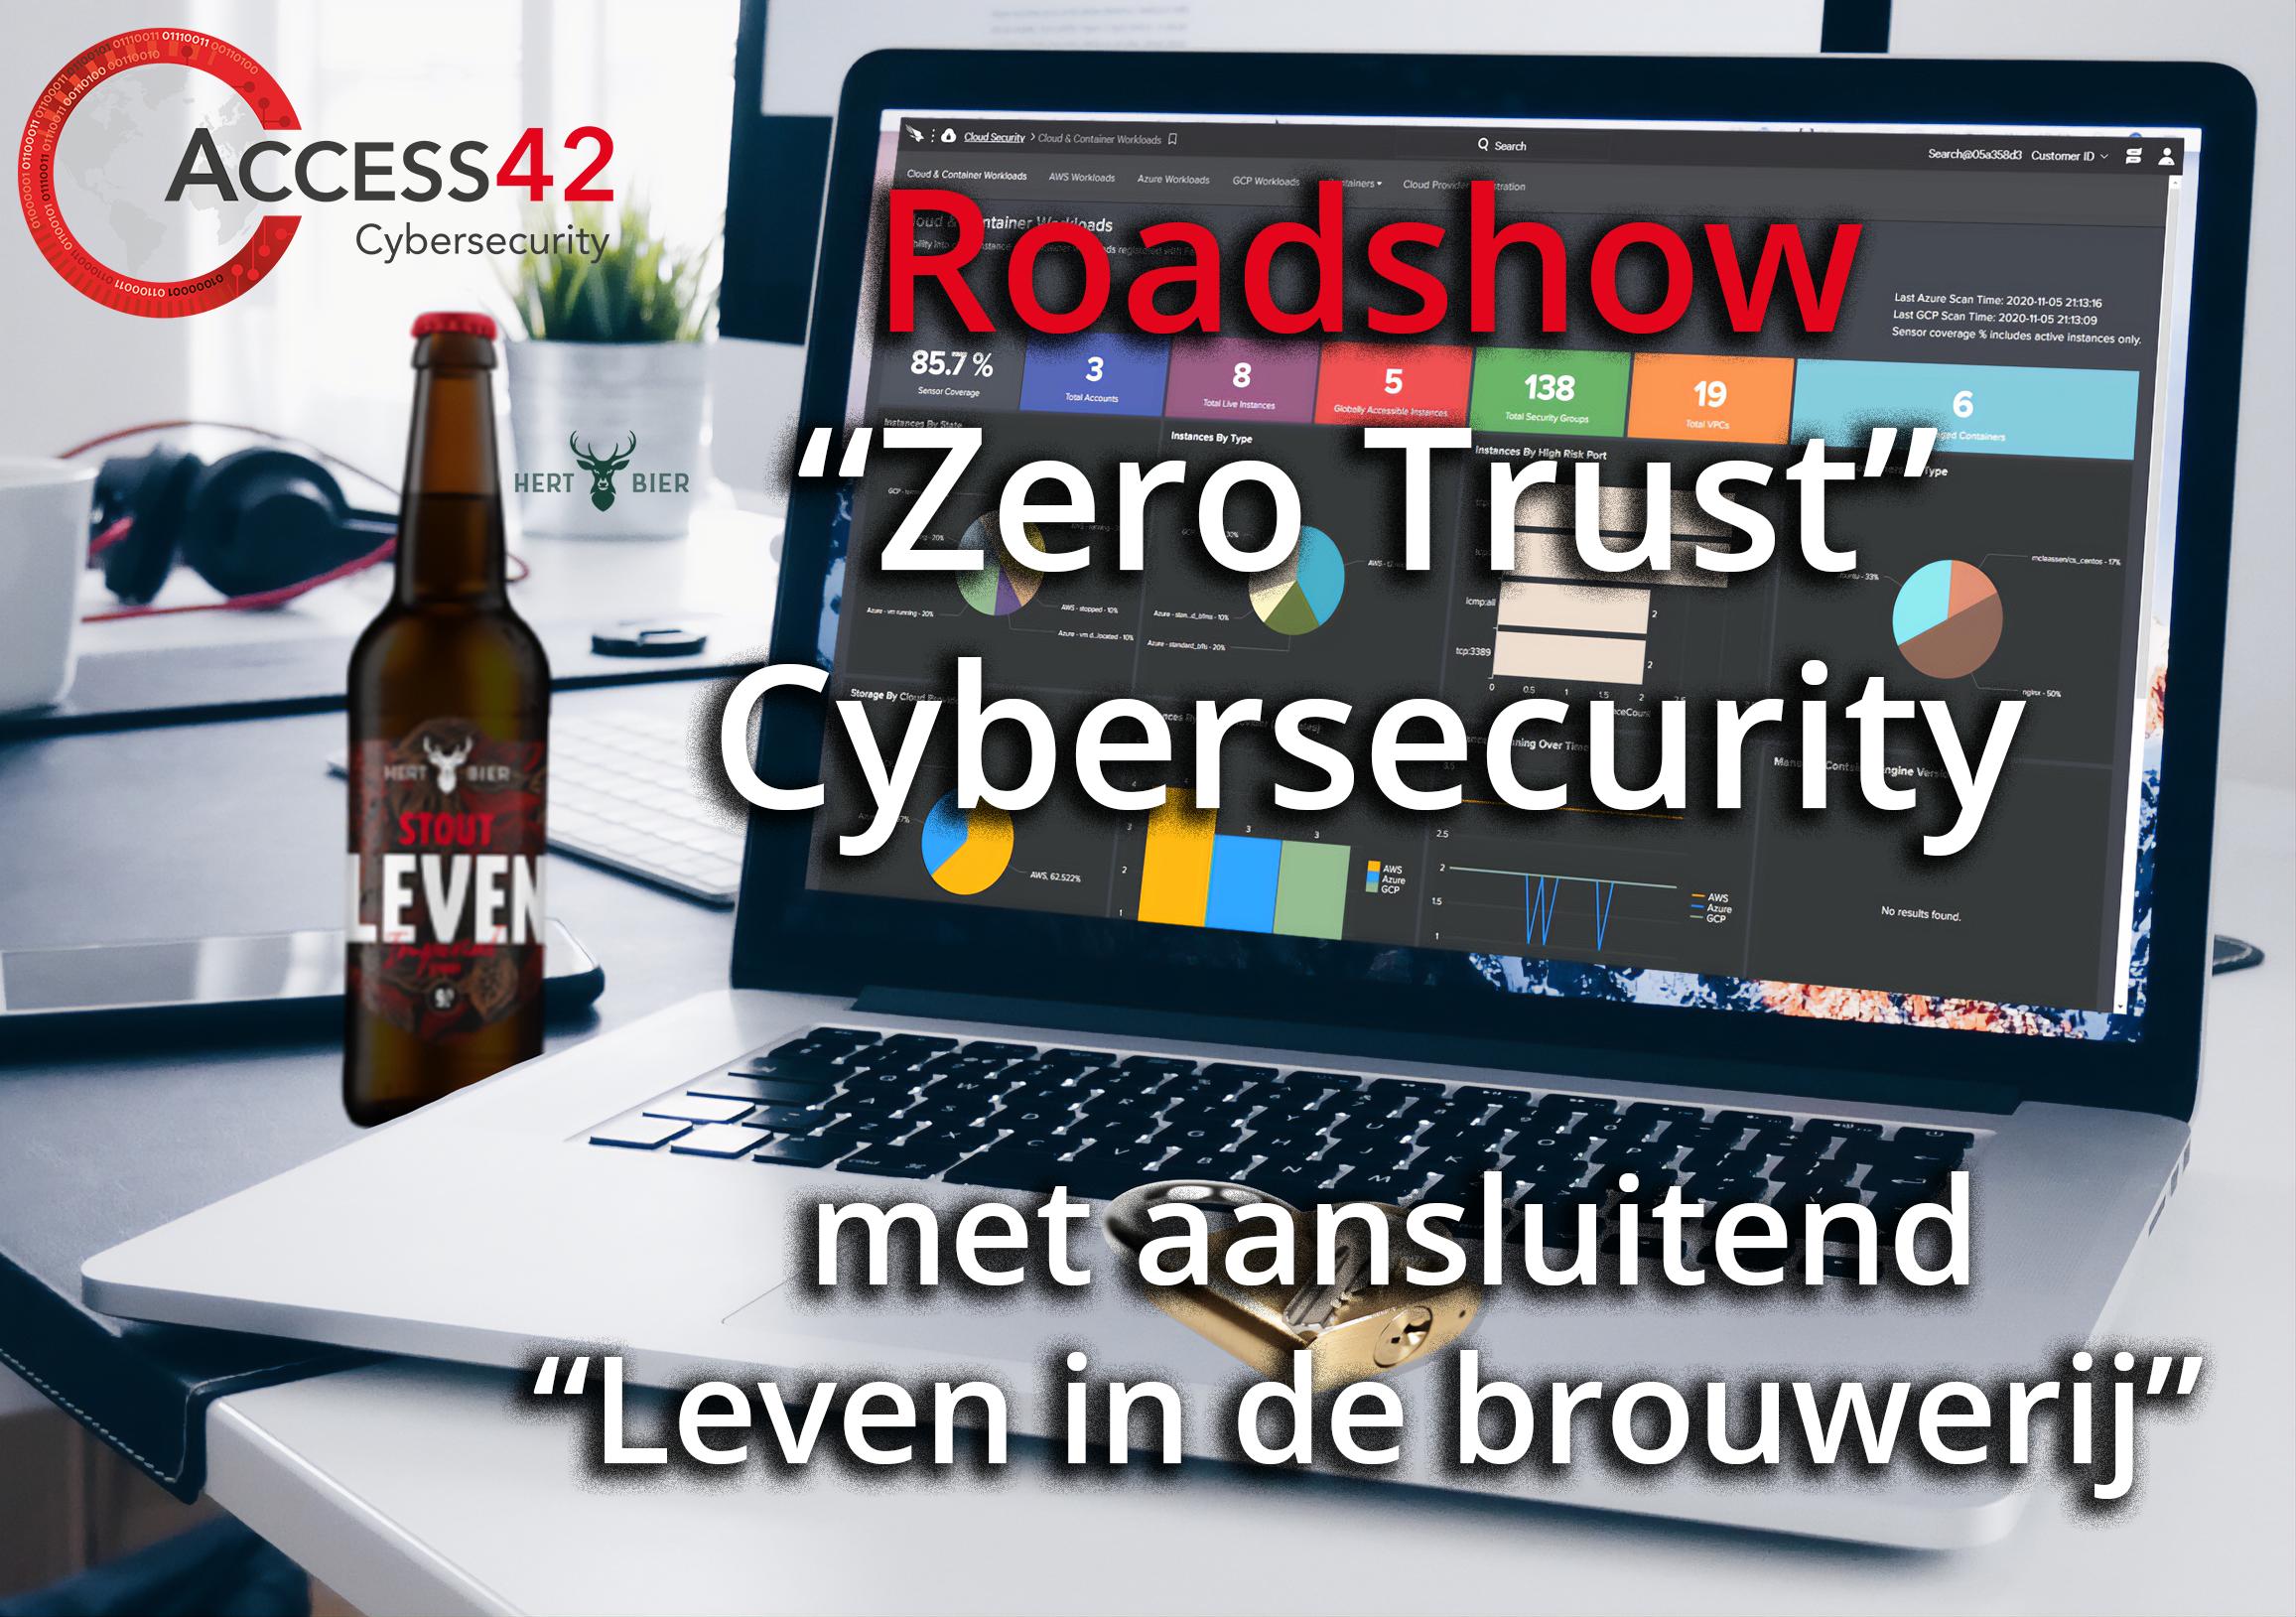 Access42-zero-trust-webinars-roadshow